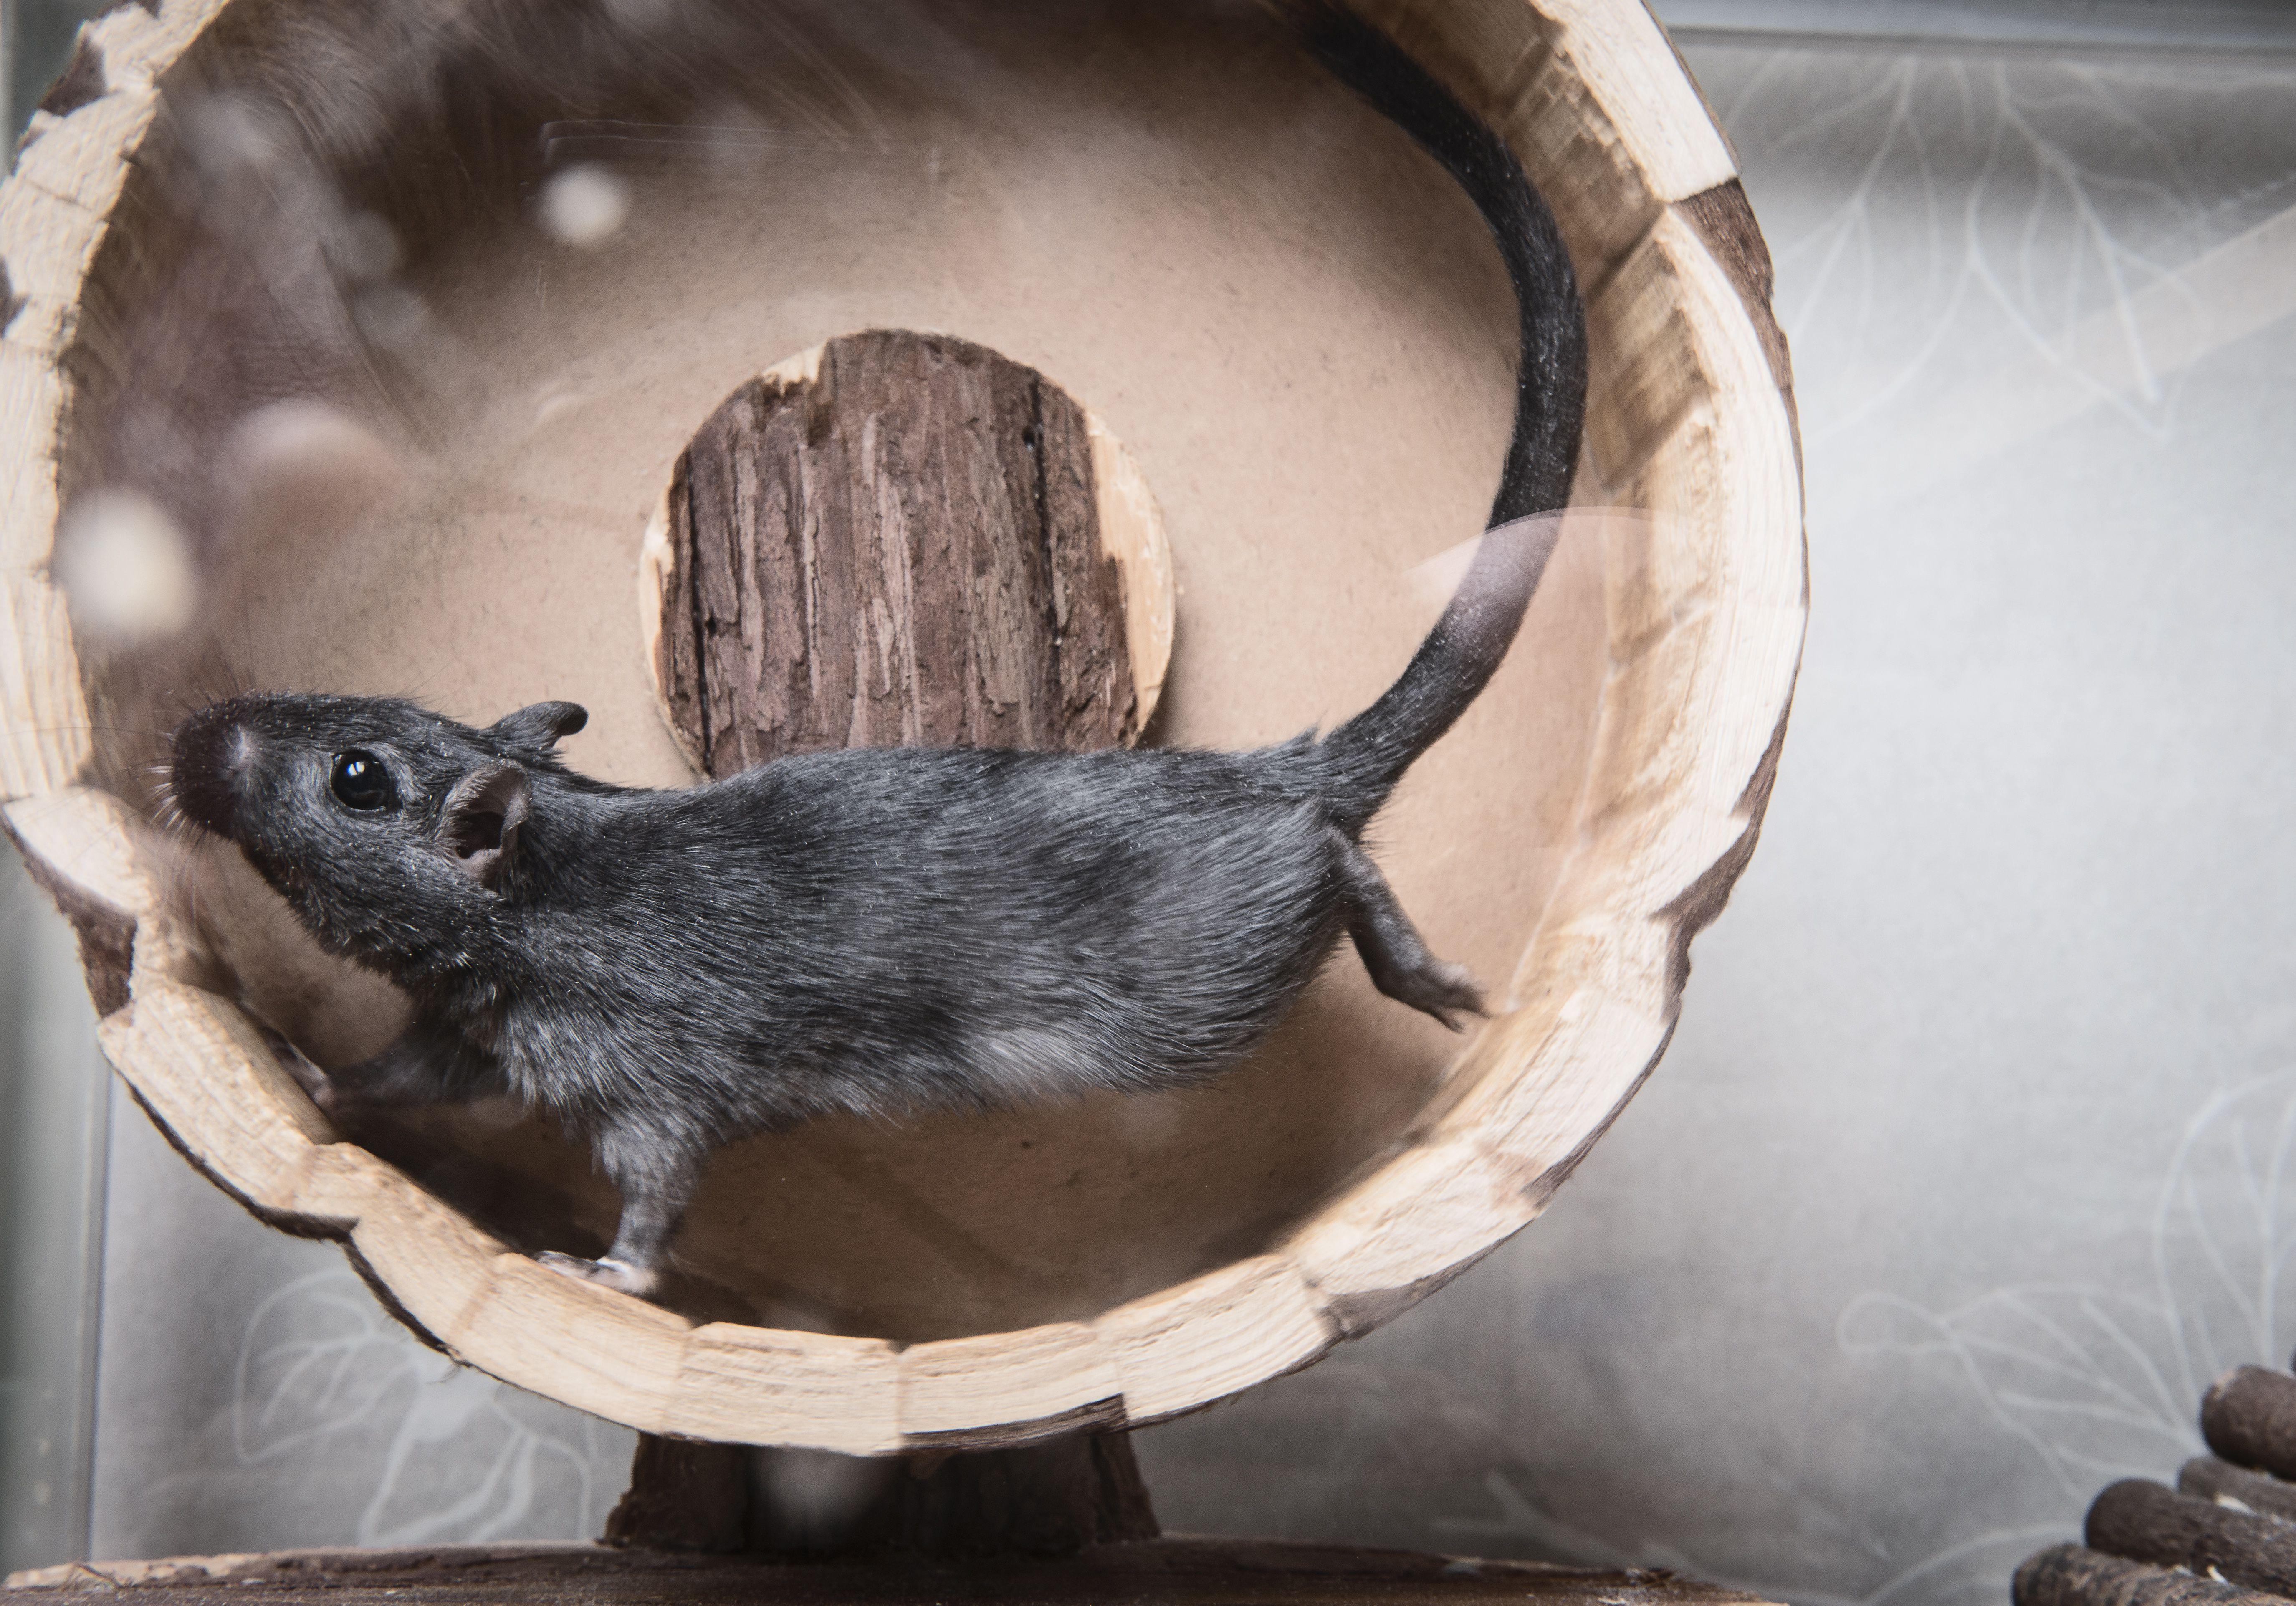 Gerbil running on a wooden wheel.